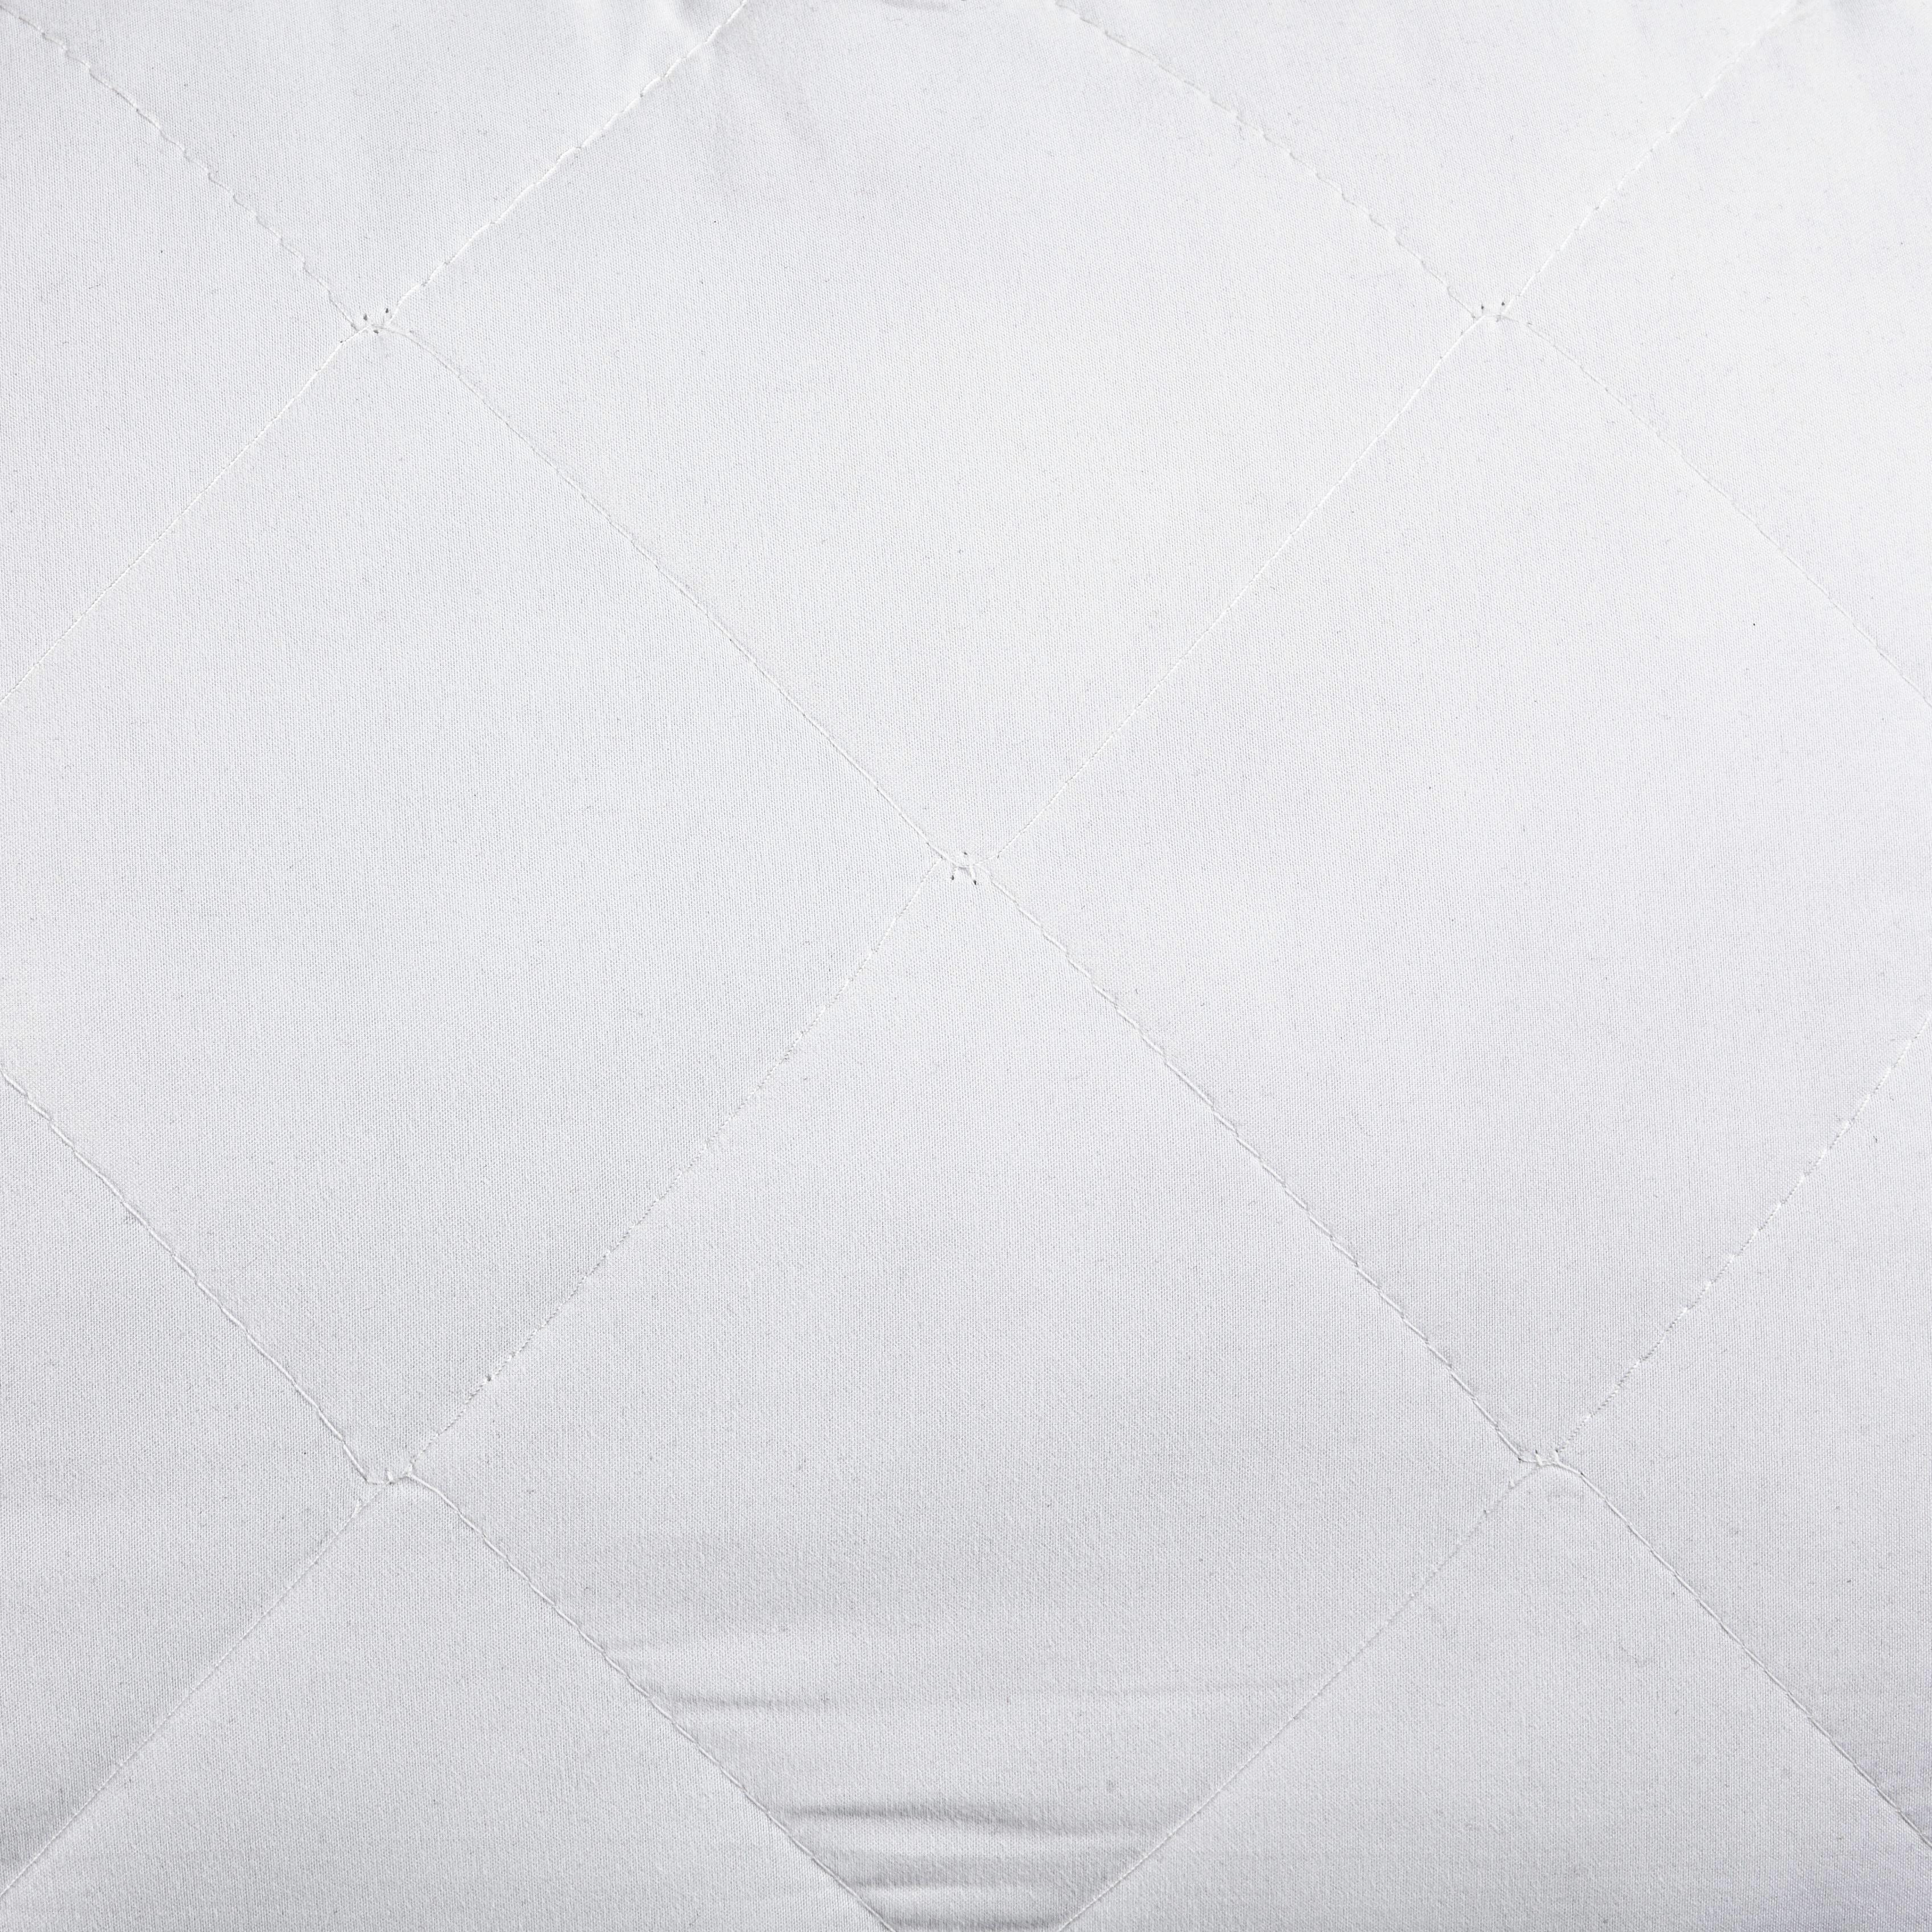 Füllkissen Conny - Weiß, KONVENTIONELL, Textil (40/60cm) - PRIMATEX